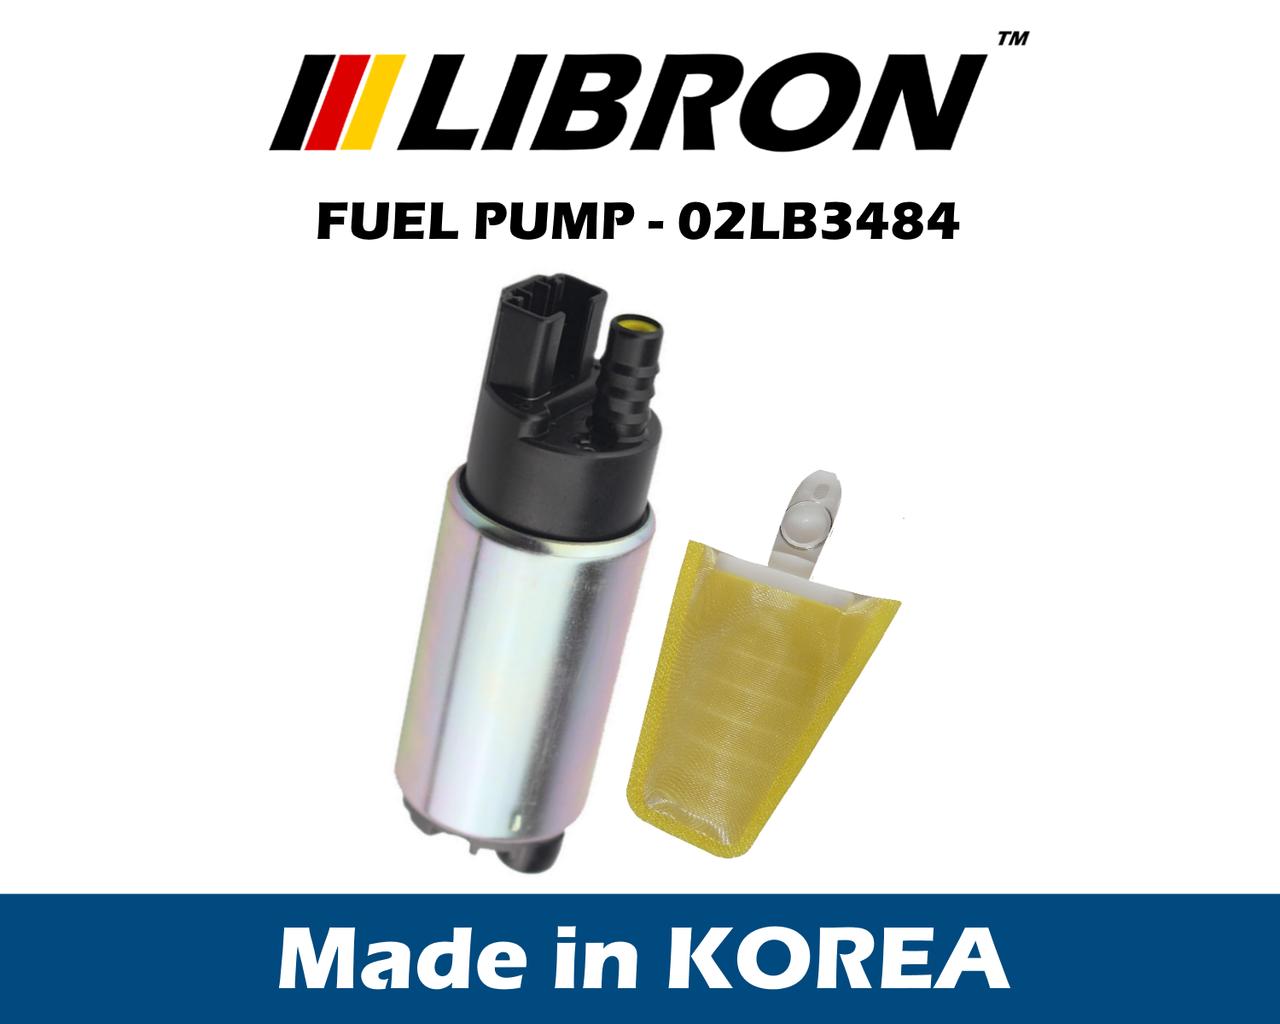 Топливный насос LIBRON 02LB3484 - SUBARU LEGACY II универсал